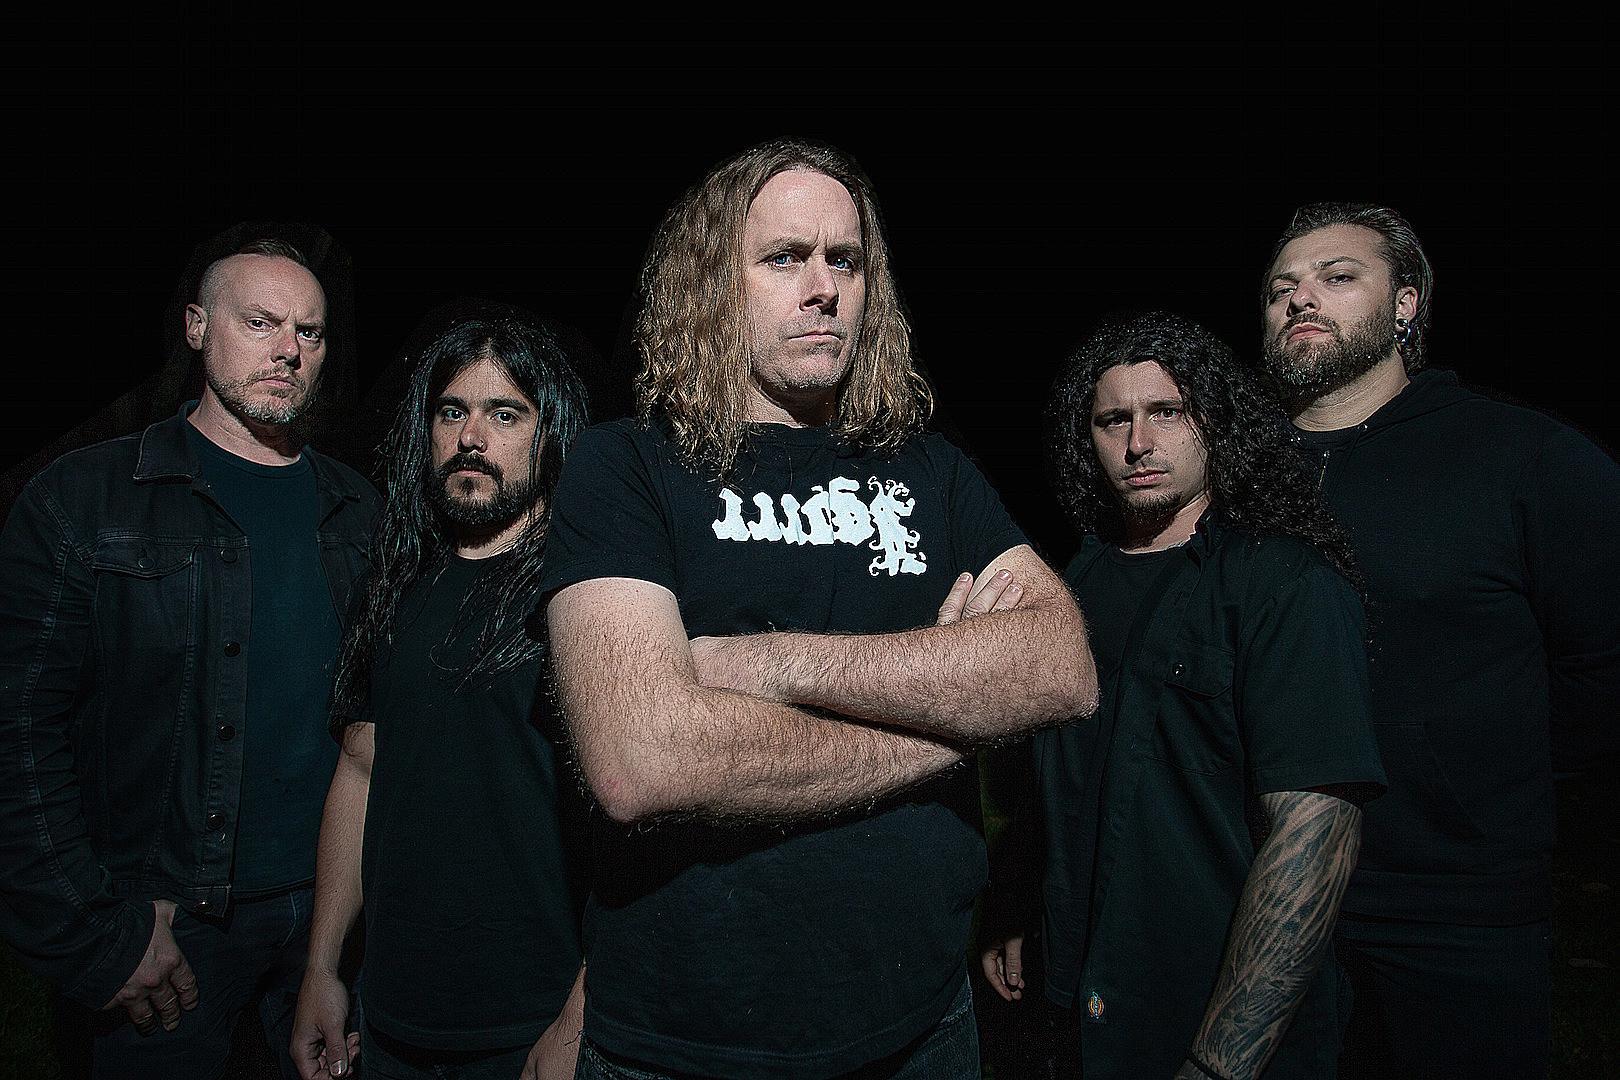 Cattle Decapitation Announce Brutal New Album 'Death Atlas'